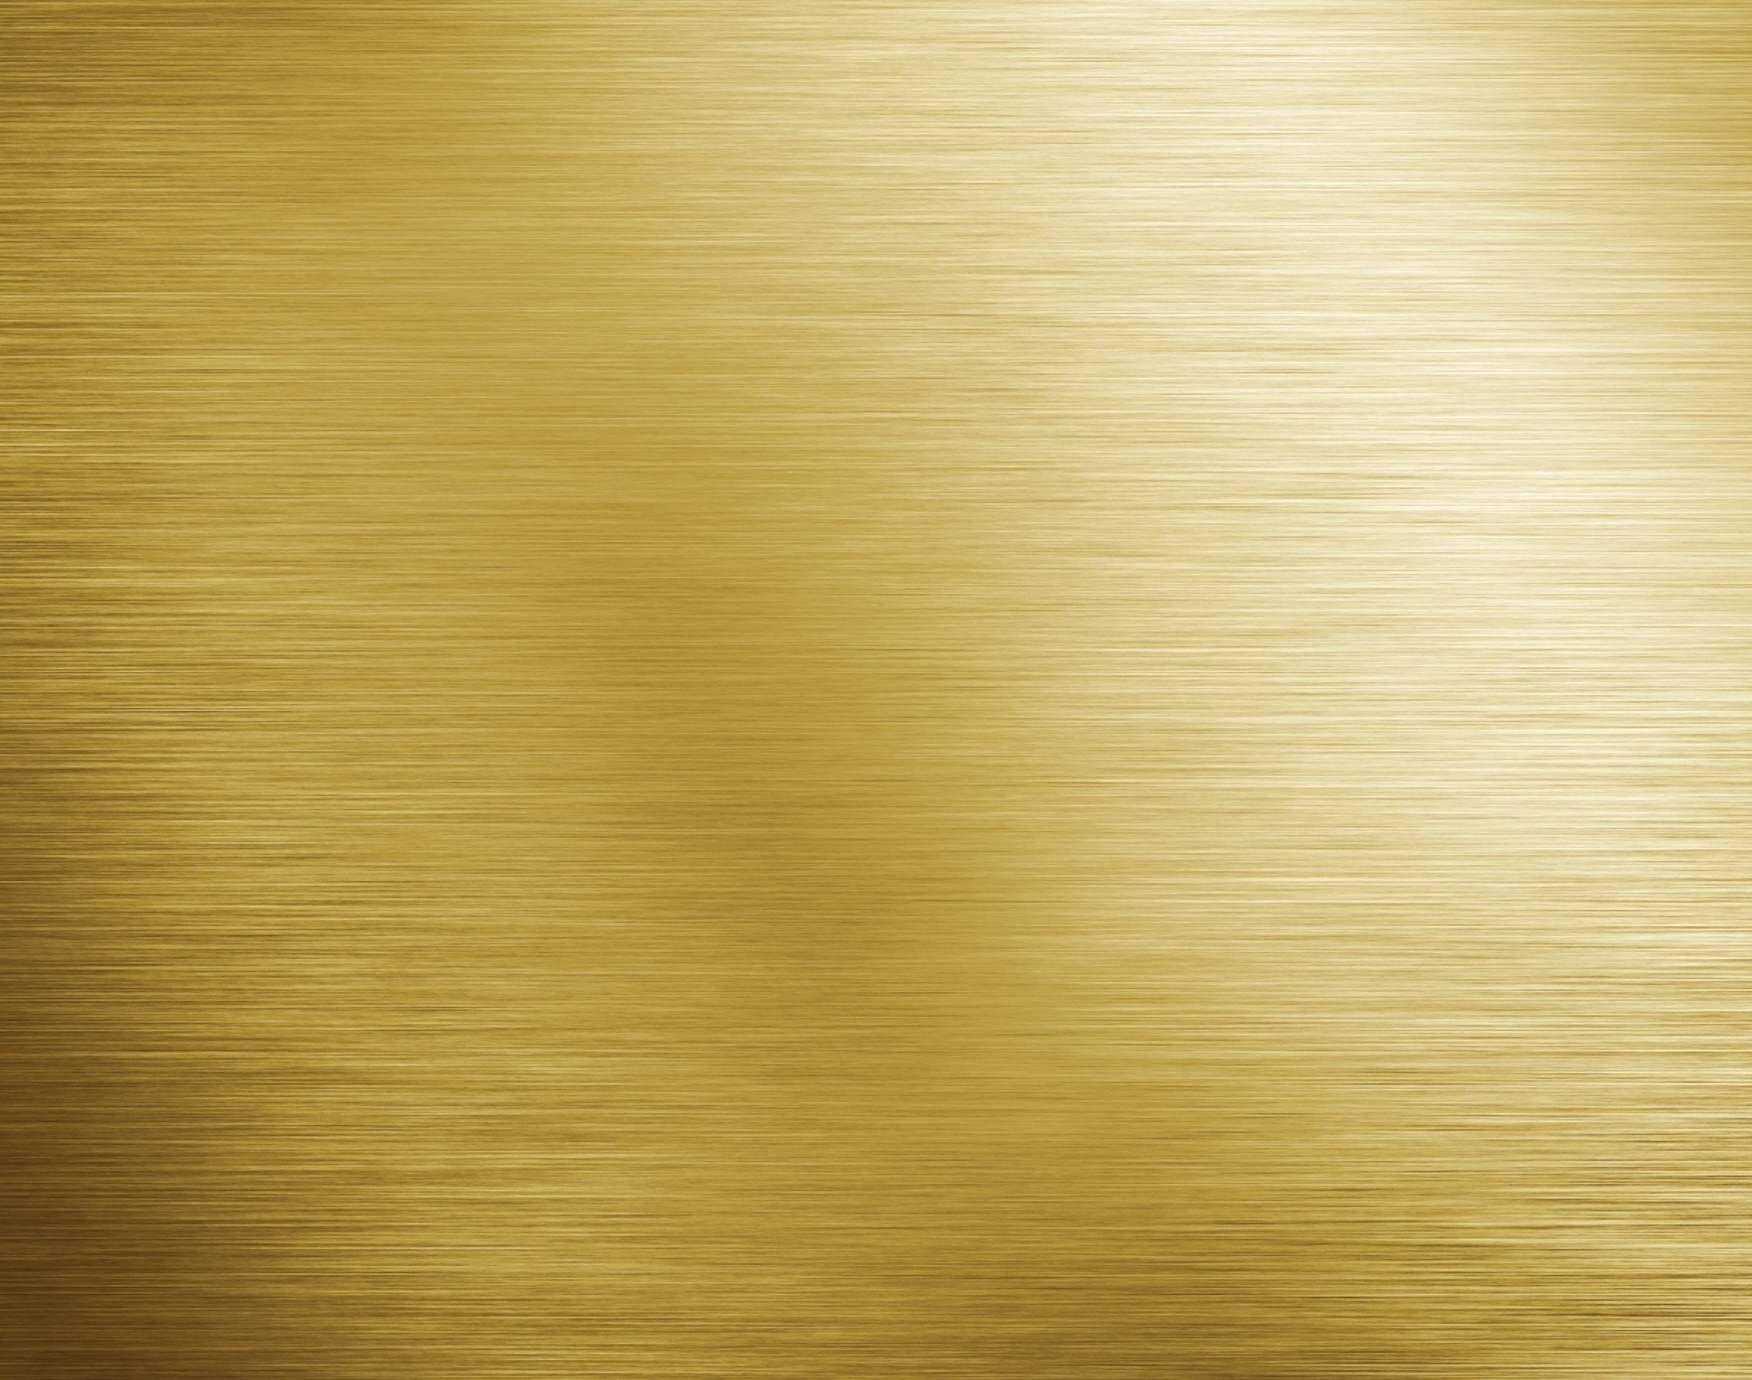 shiny-gold-background-2 - If The Stiletto Fits | Ashford ...